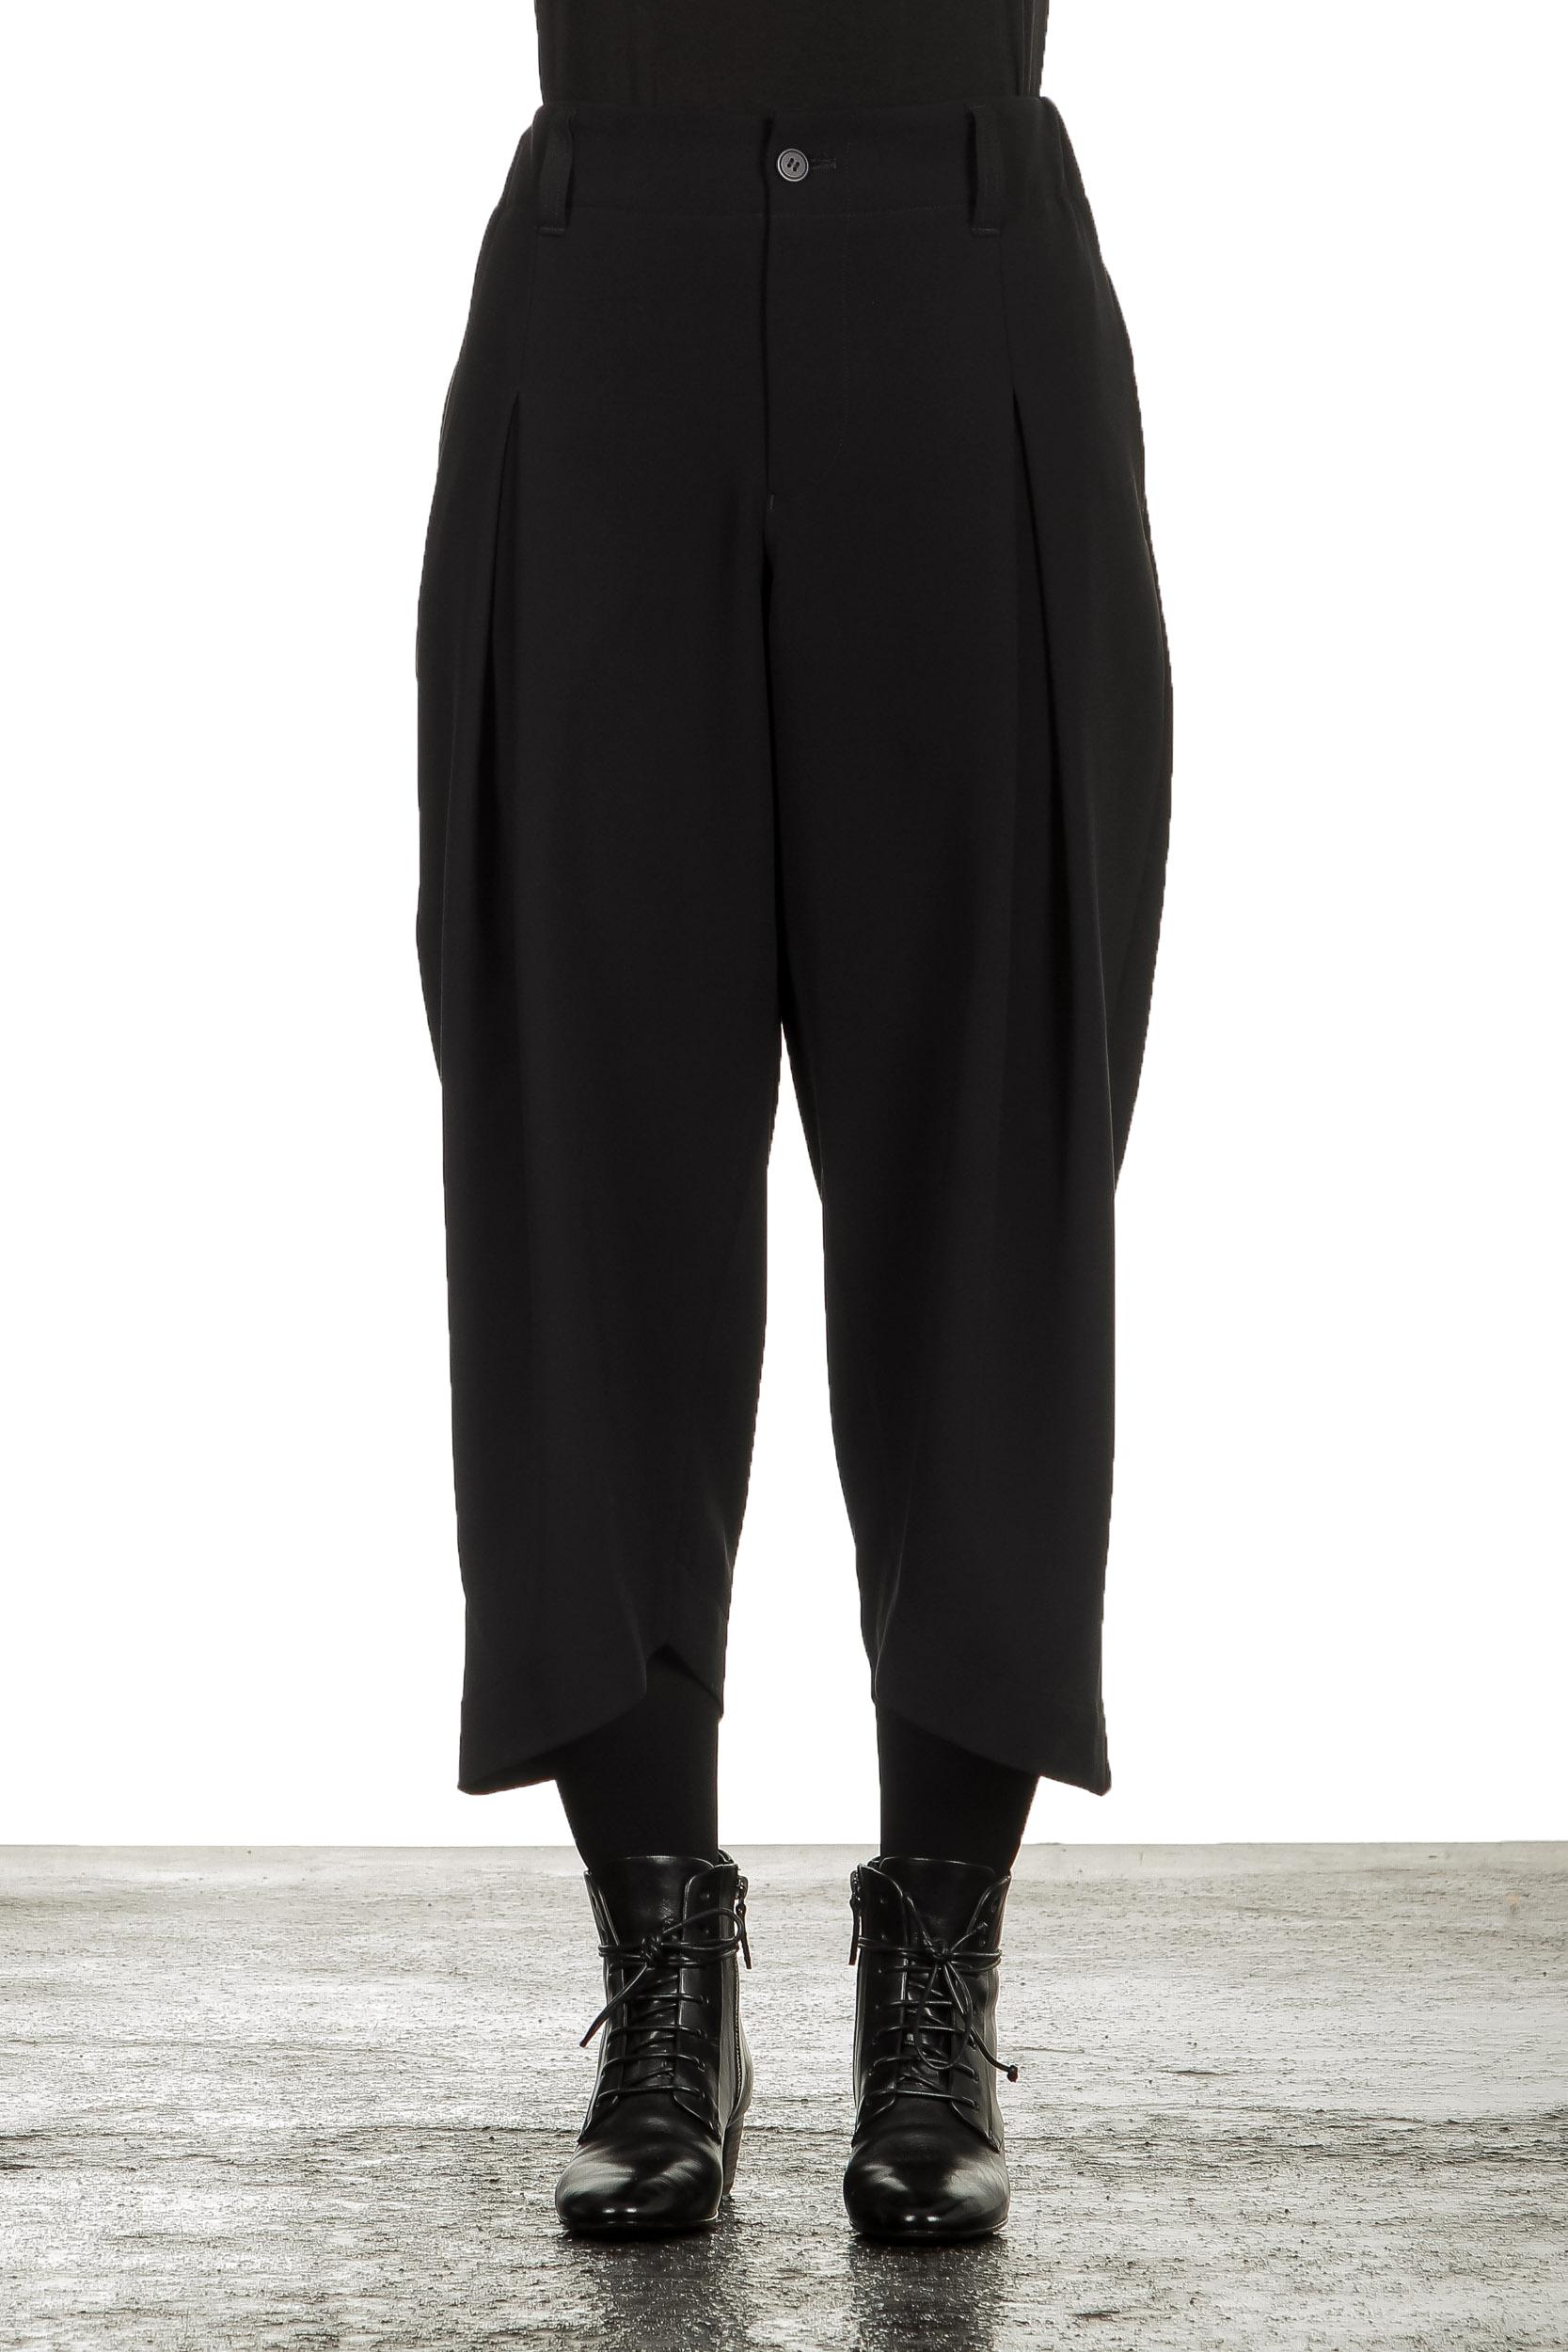 Hosen - Issey Miyake Damen 7 8 Hose mit hohem Bund schwarz  - Onlineshop Luxury Loft